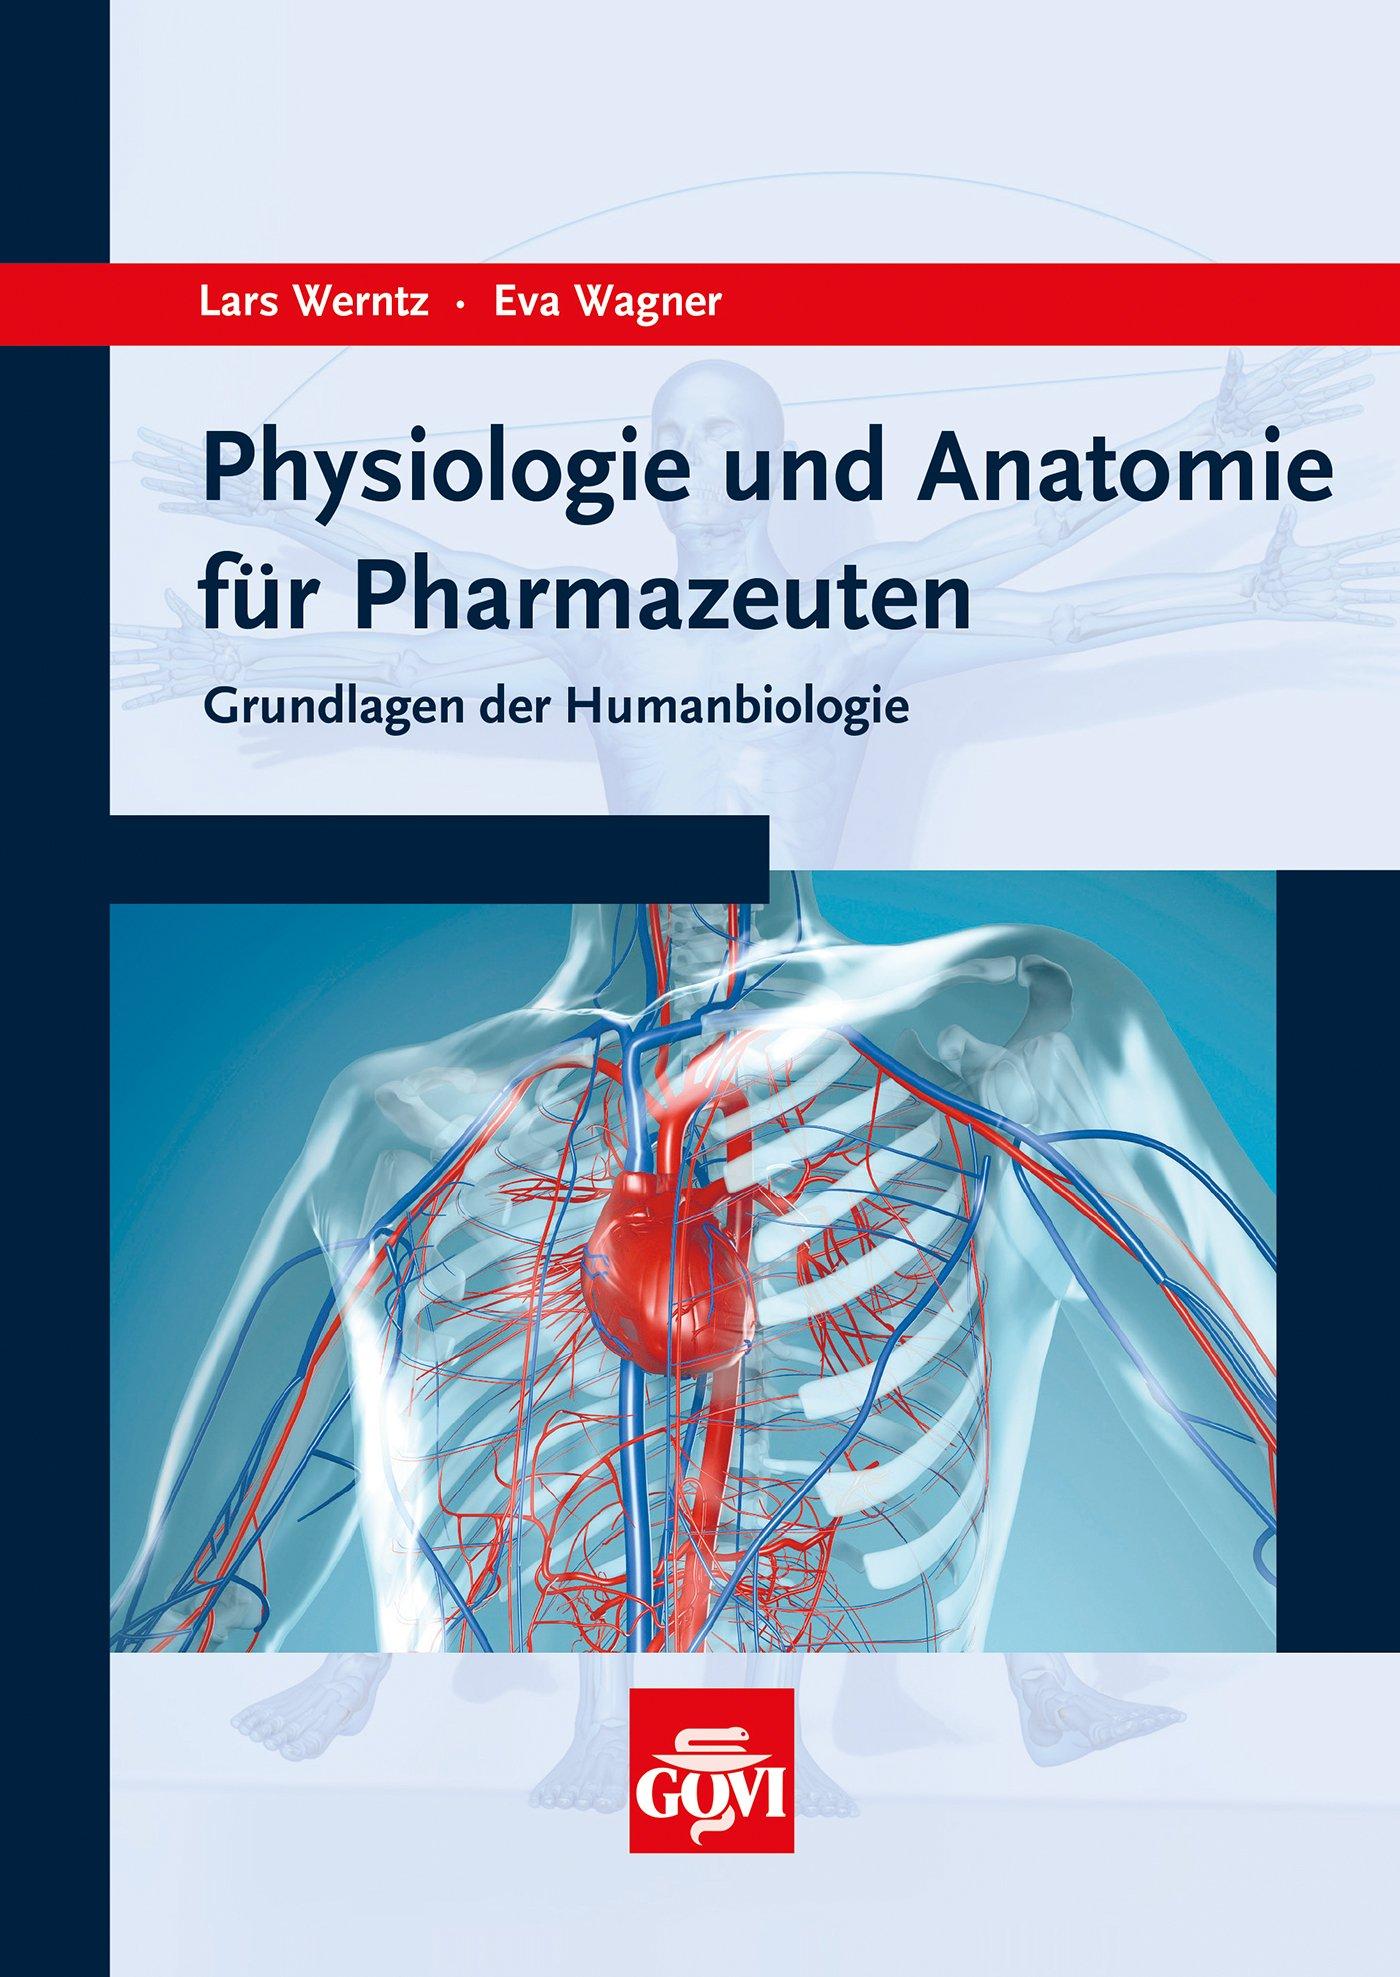 Physiologie und Anatomie für Pharmazeuten - Shop - Mediengruppe ...